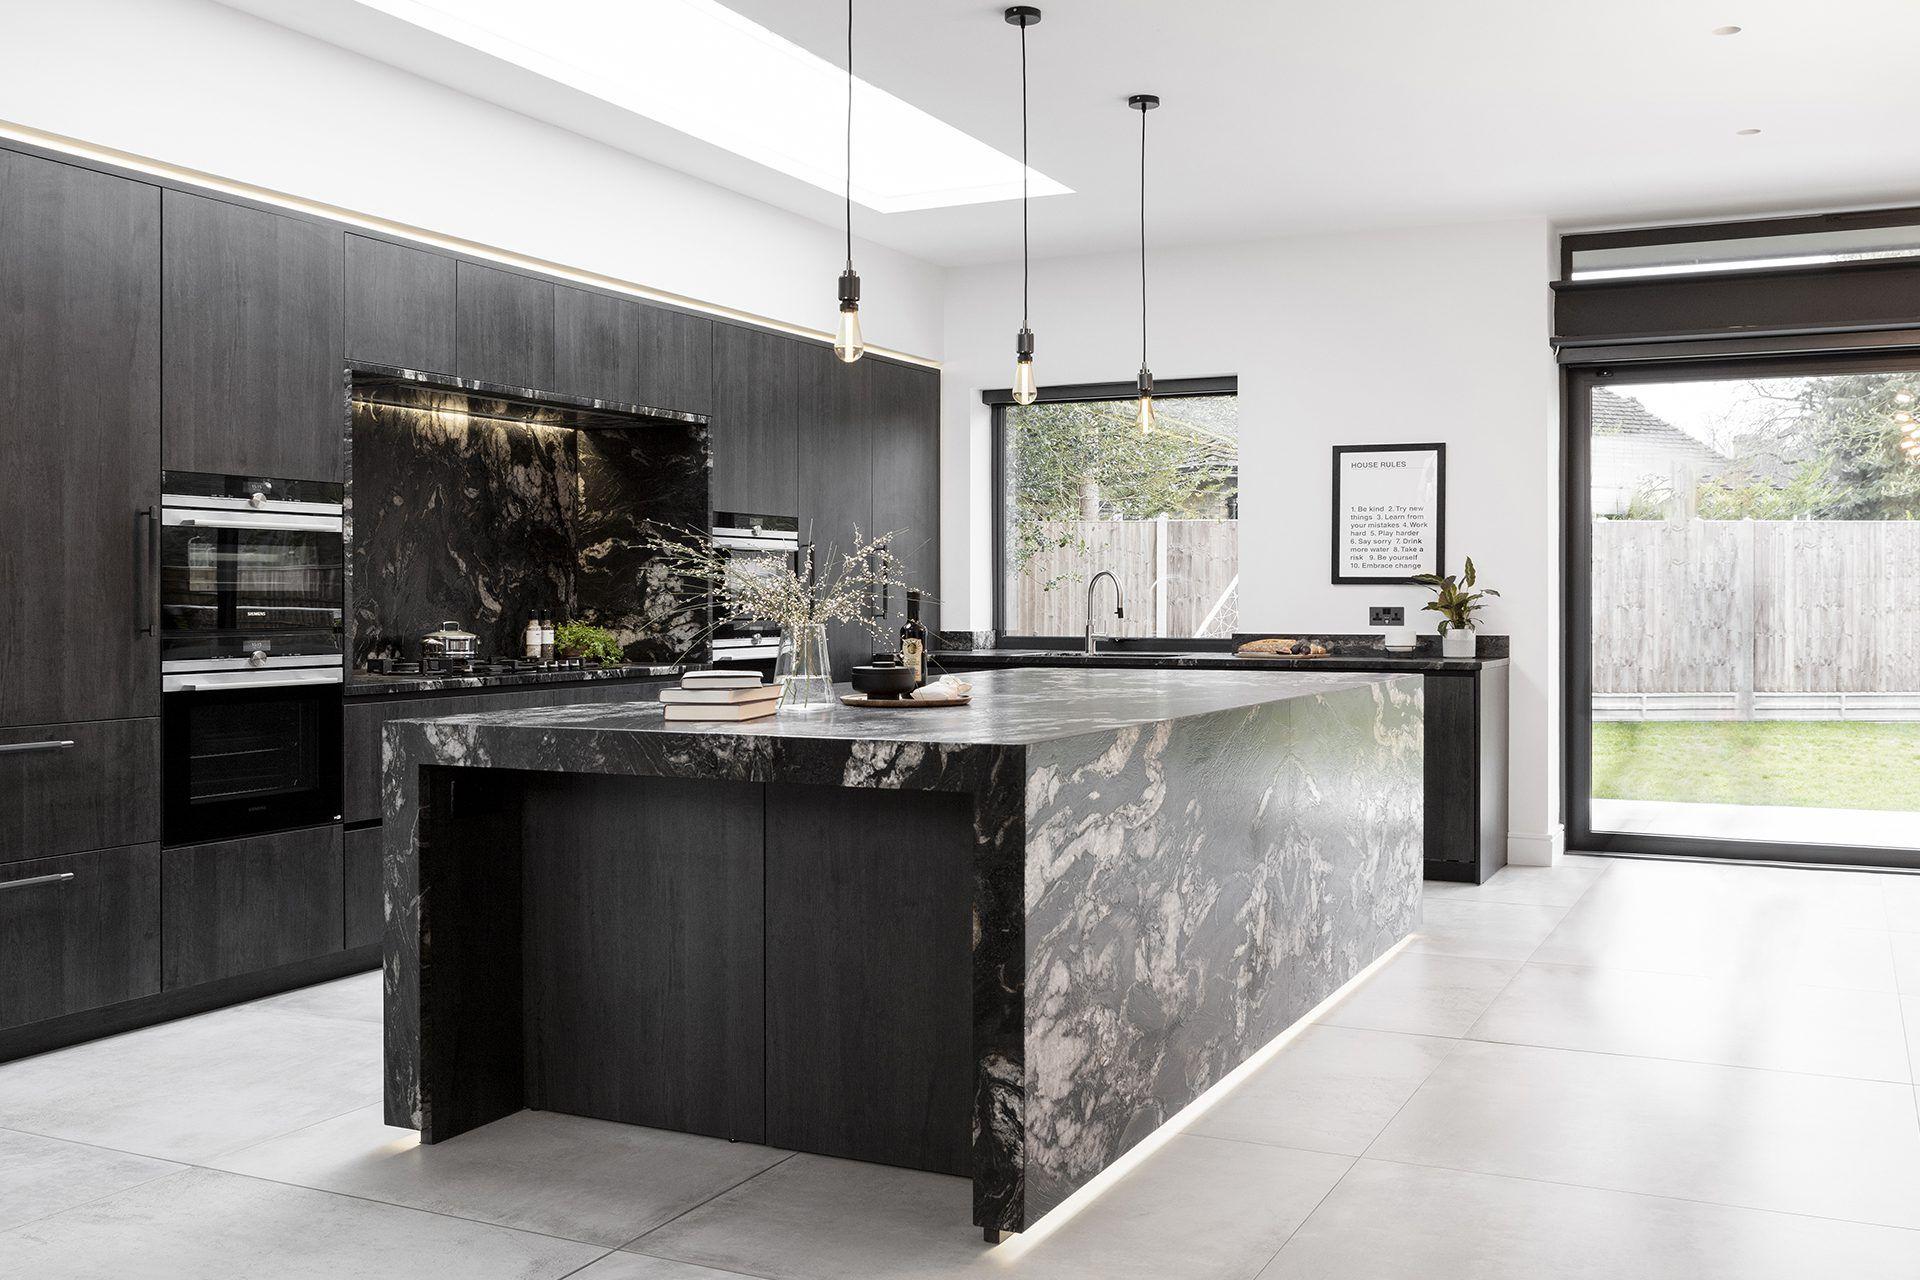 Luxury Bespoke Kitchens Extreme Design in 2020 Modern